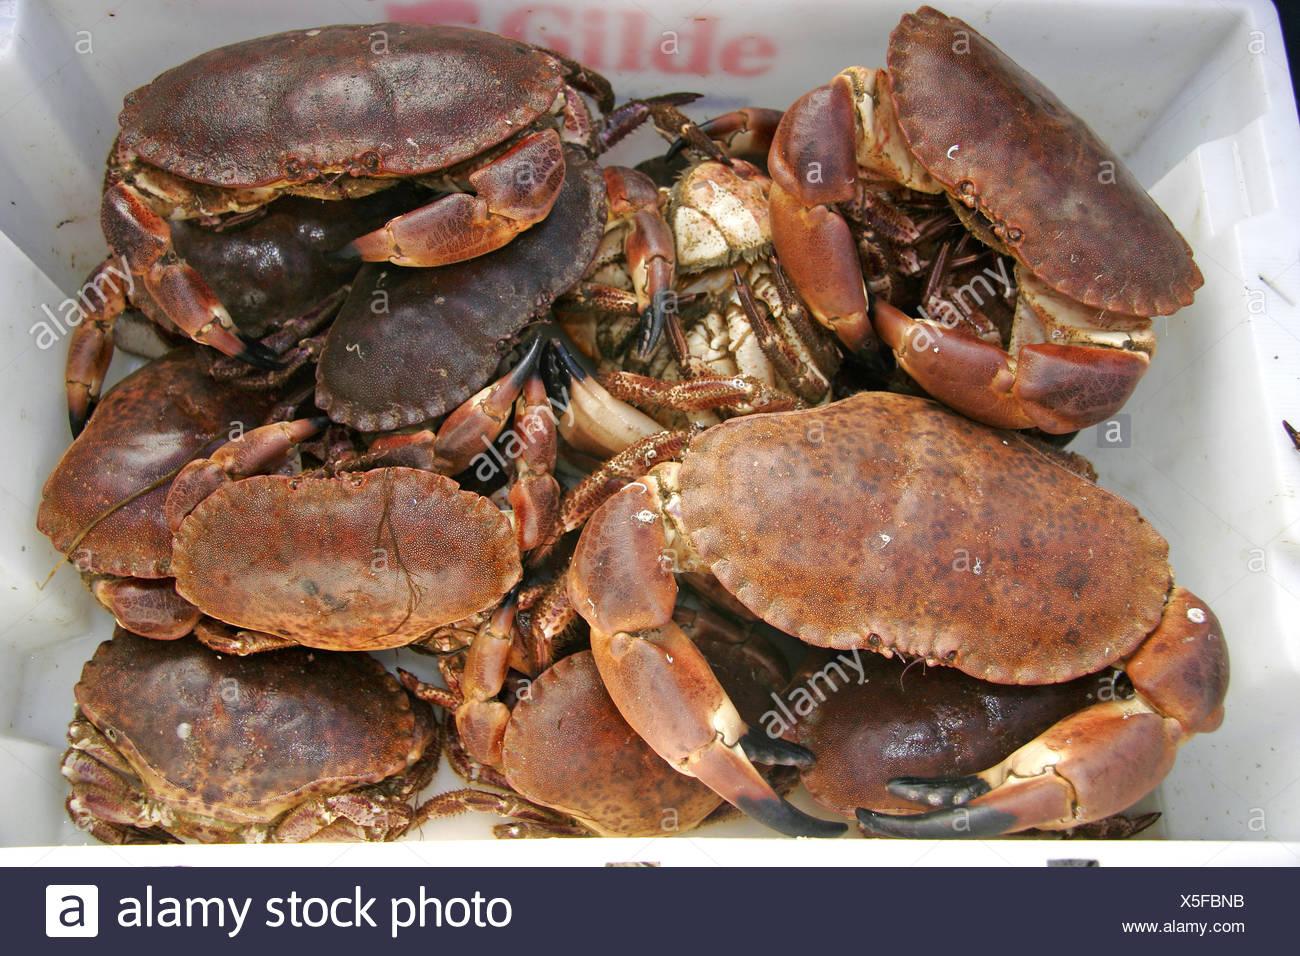 Taschenkrebse, Fang eines Fischerboots vor der Kueste Norwegens, Norwegen, Taschenkrebs (Cancer pagurus), Brachyura, Cancer, Can - Stock Image